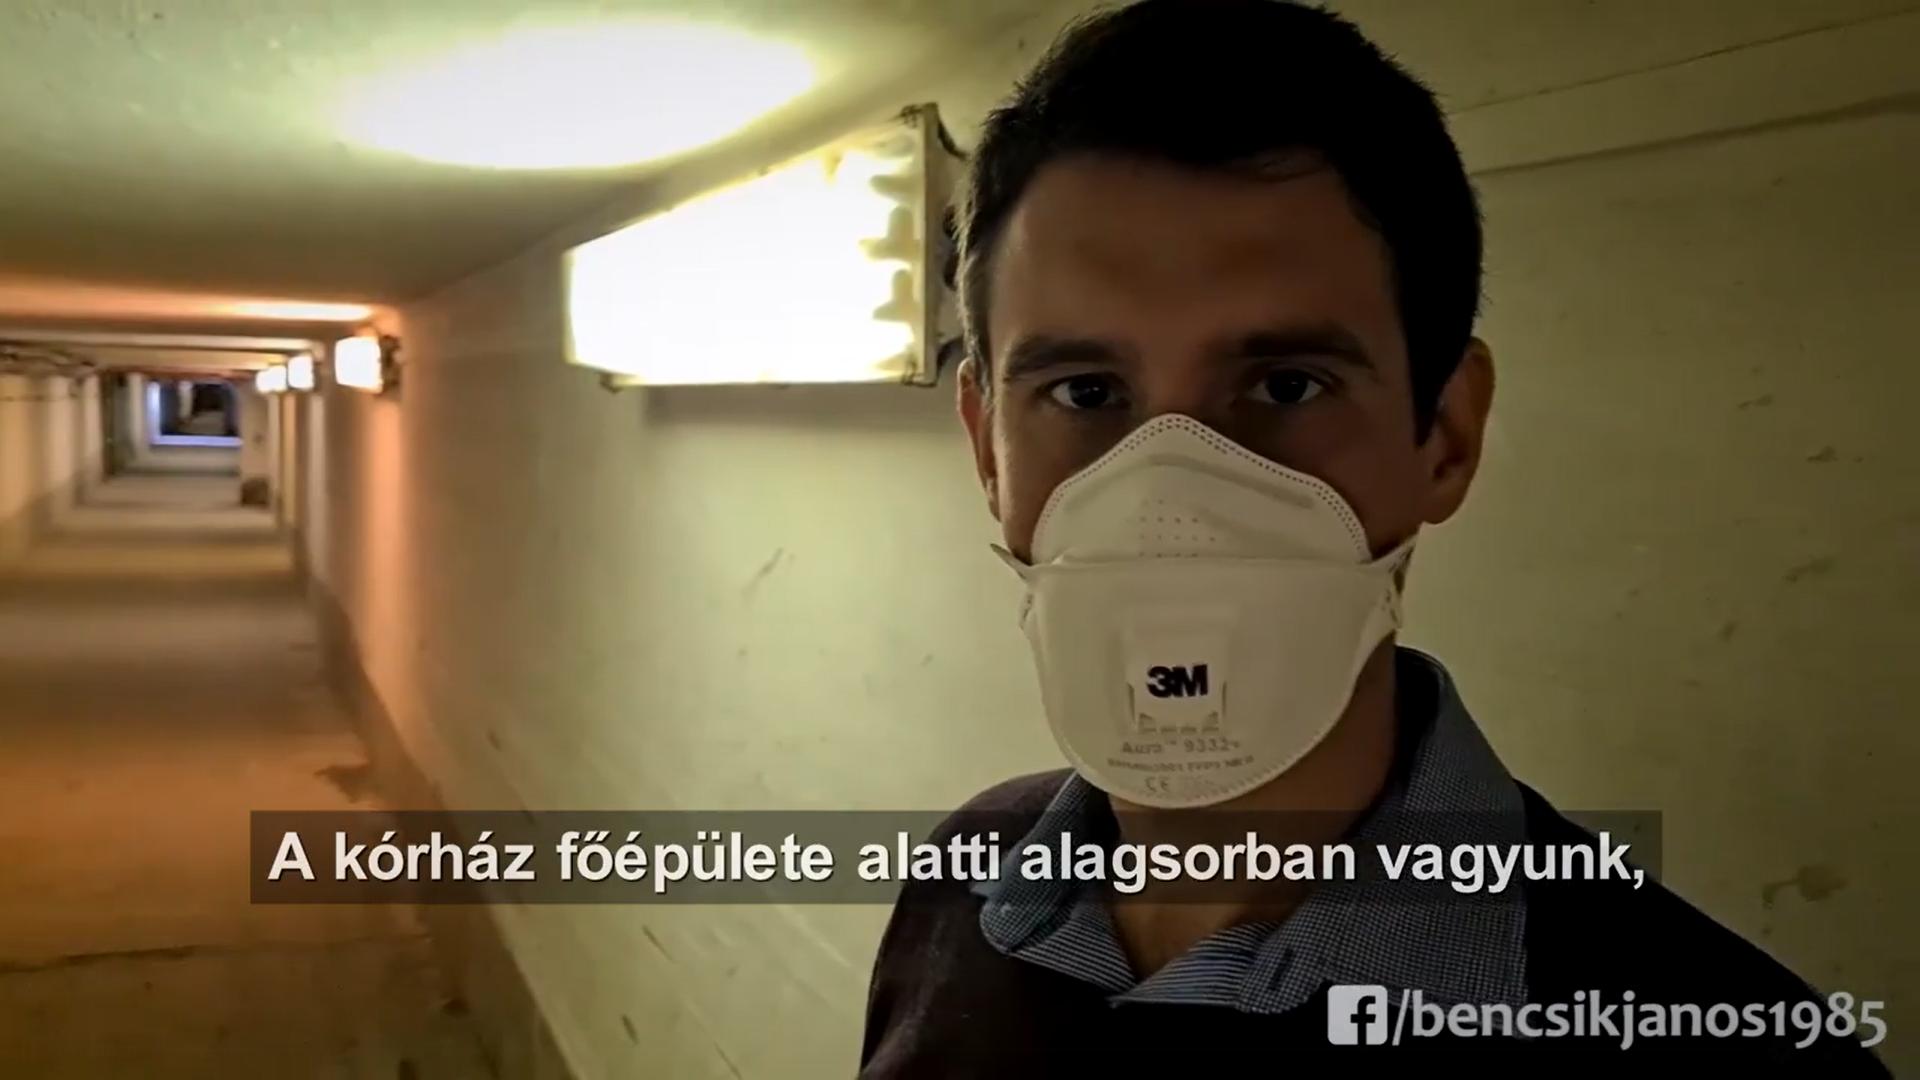 Feljelenti Bencsik Jánost a náluk forgatott videó miatt a Jahn Ferenc Kórház